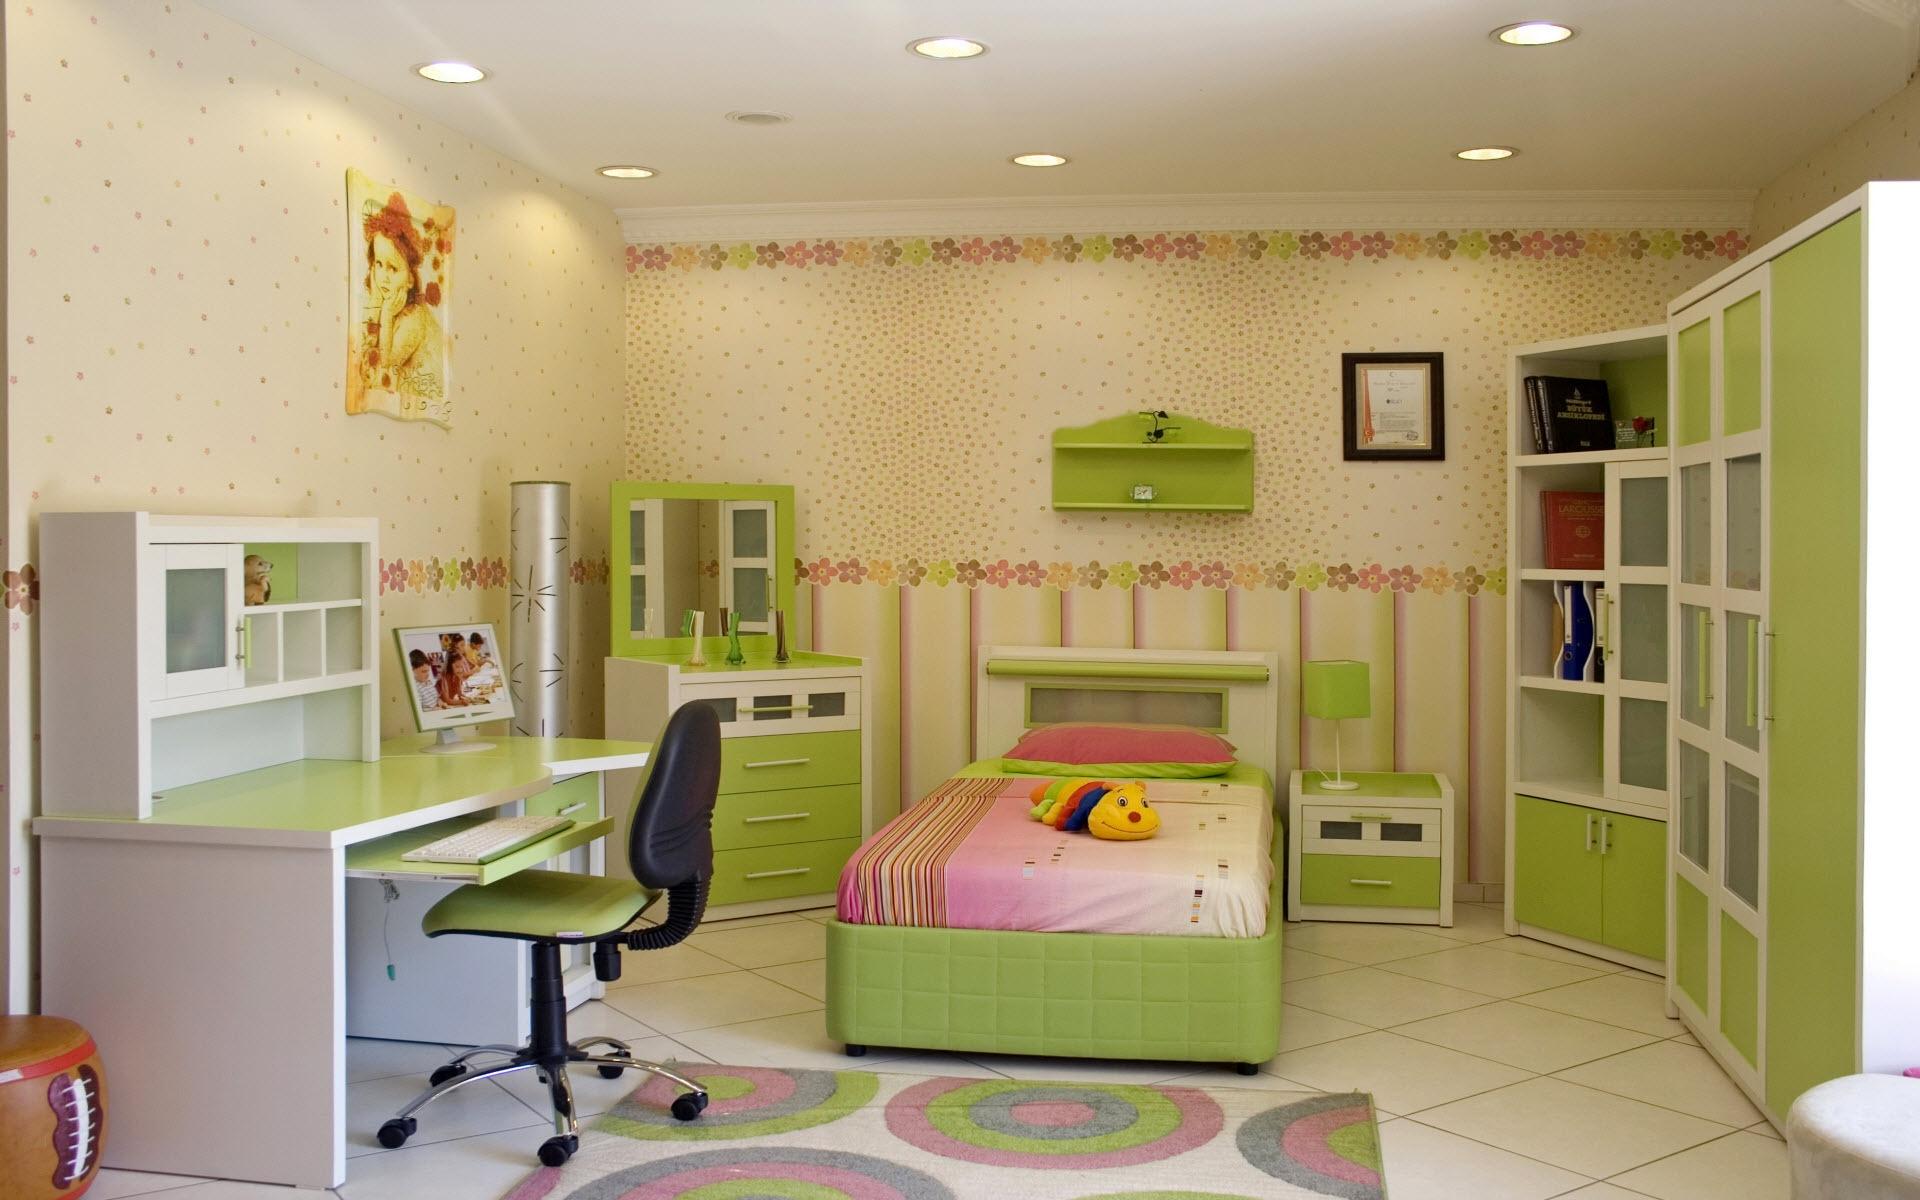 Baggrunde : børn, værelse, interiør, seng, soveværelse, Indretning ...